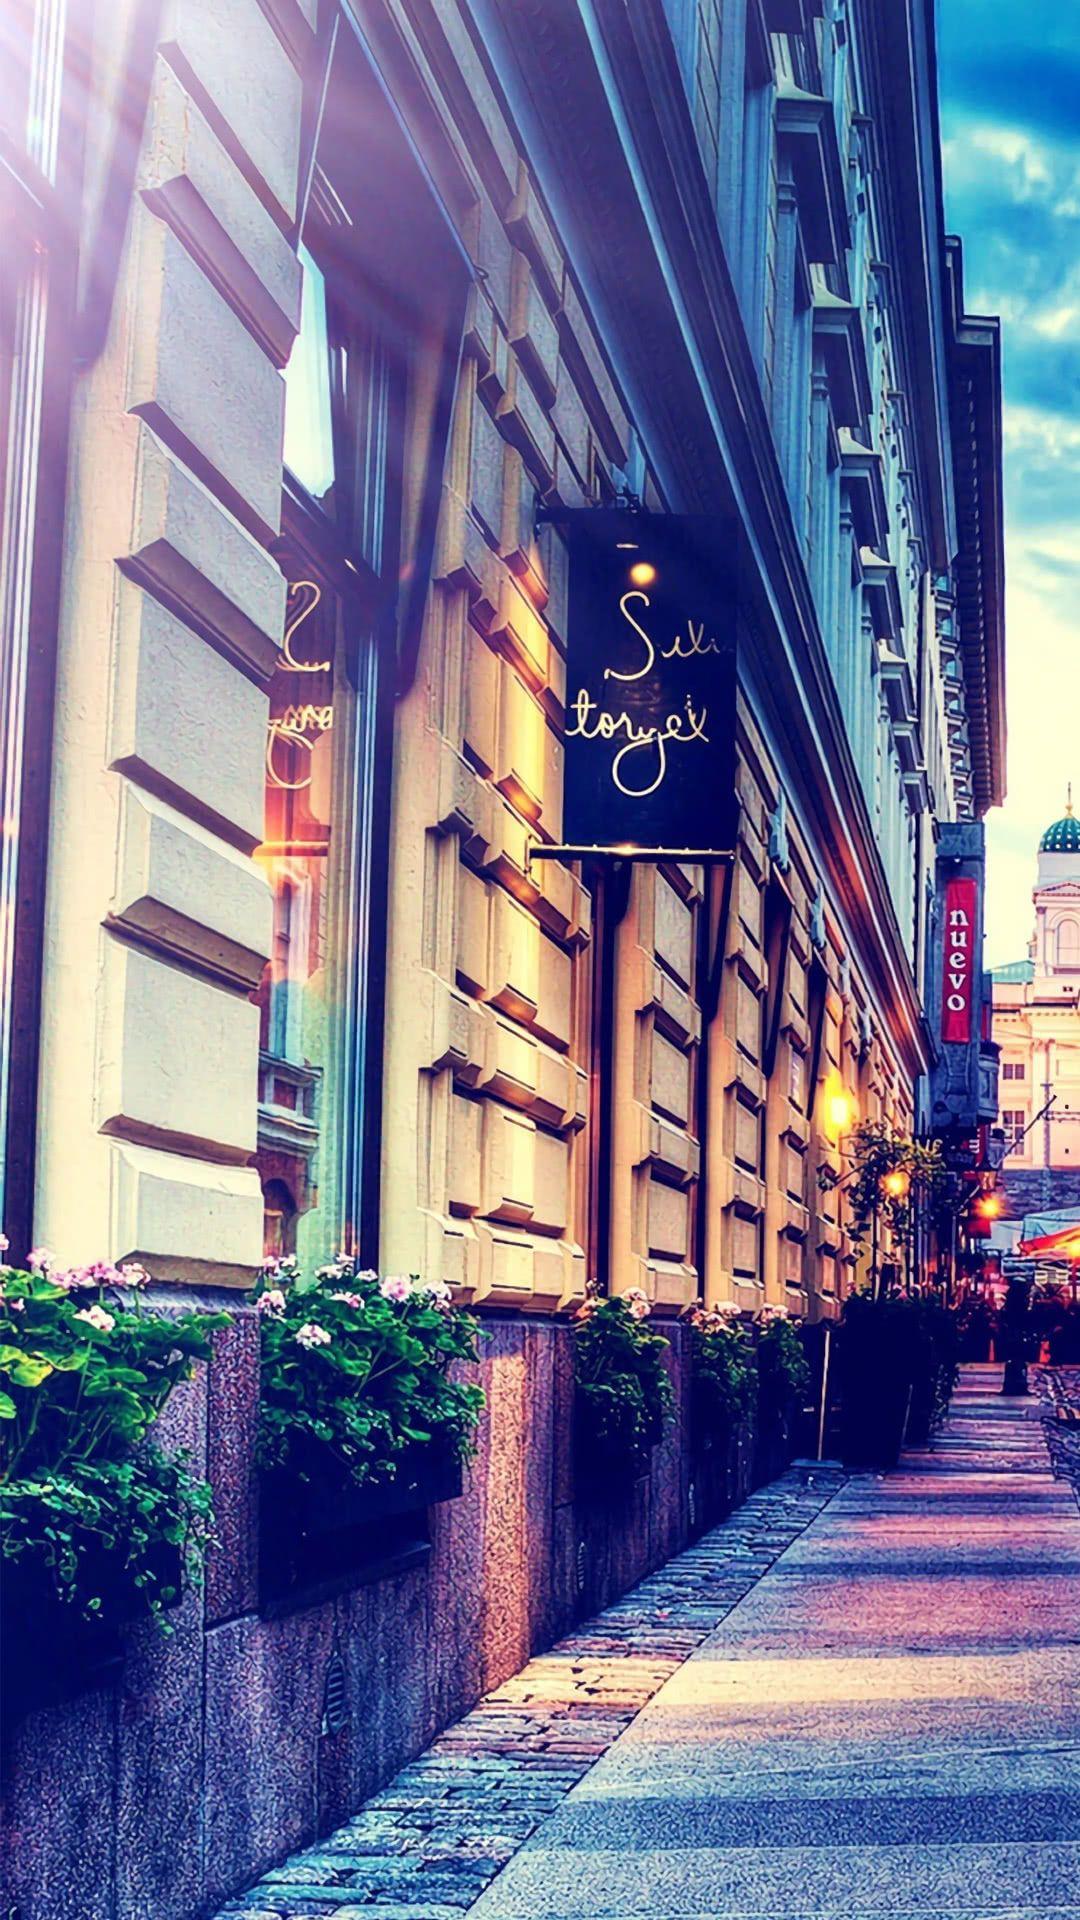 人気67位 おしゃれな街並 Iphonex スマホ壁紙 待受画像ギャラリー 綺麗 景色 風景の壁紙 風景